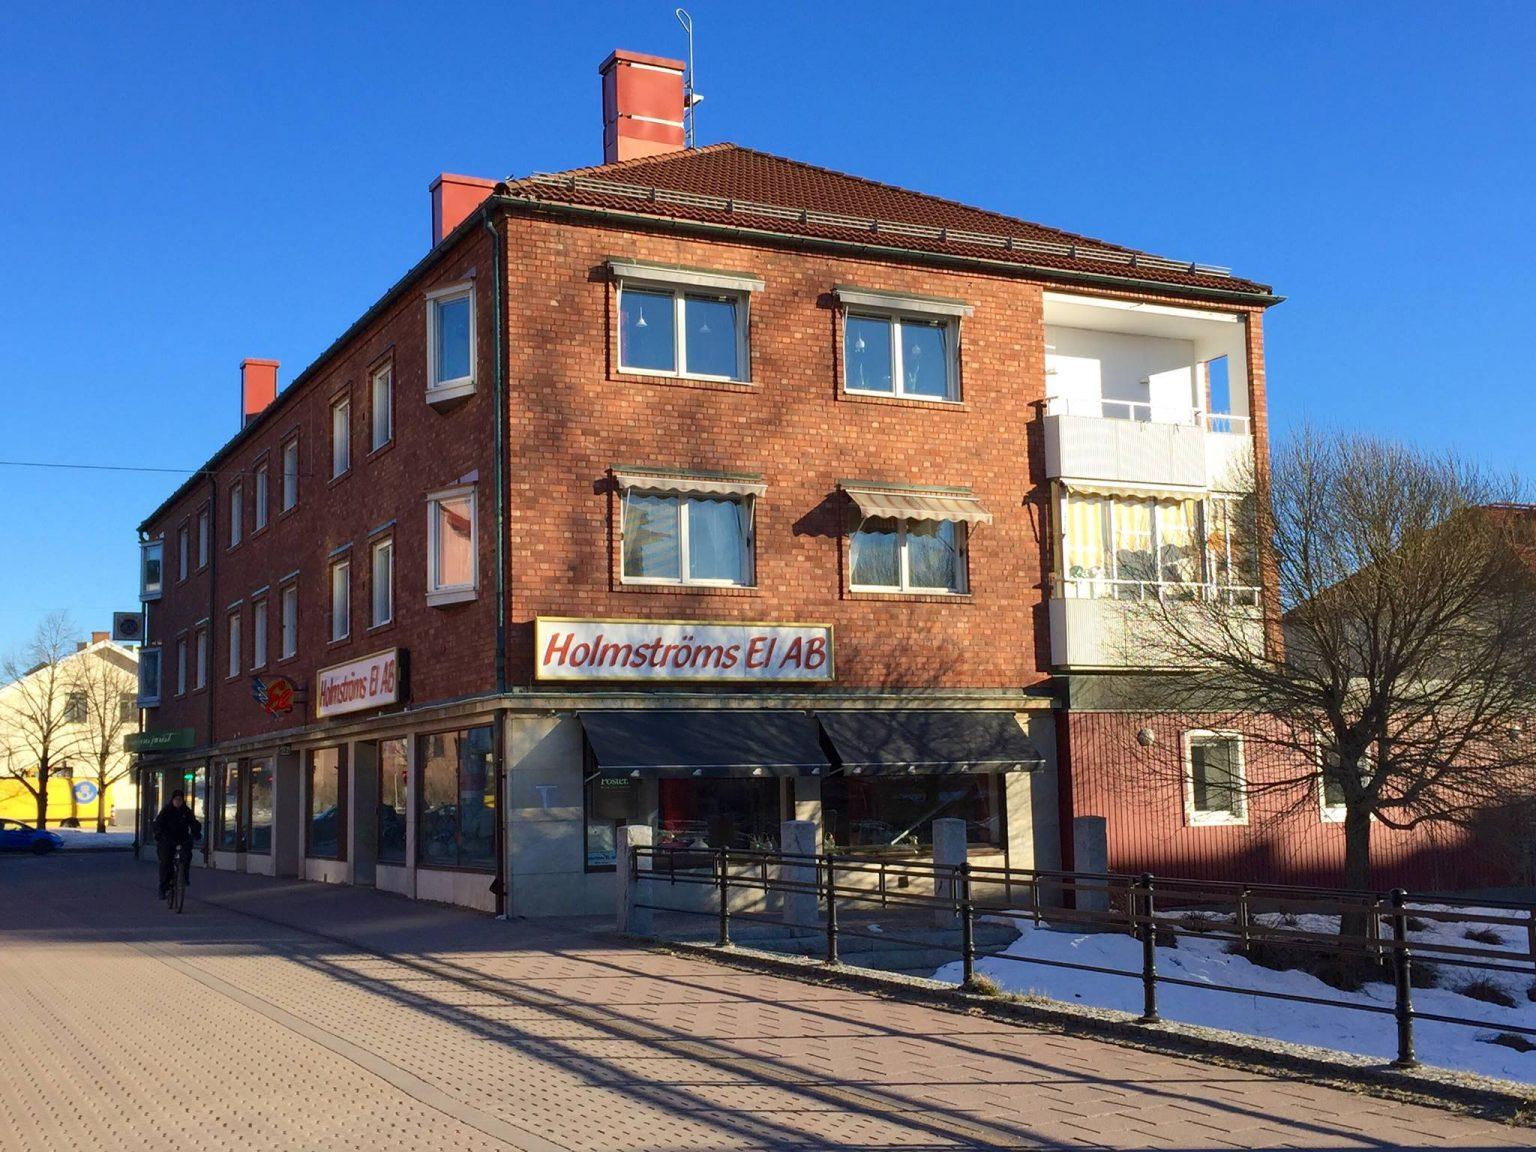 De öppnar en skönhetssalong i Nässjö - Smålands Dagblad